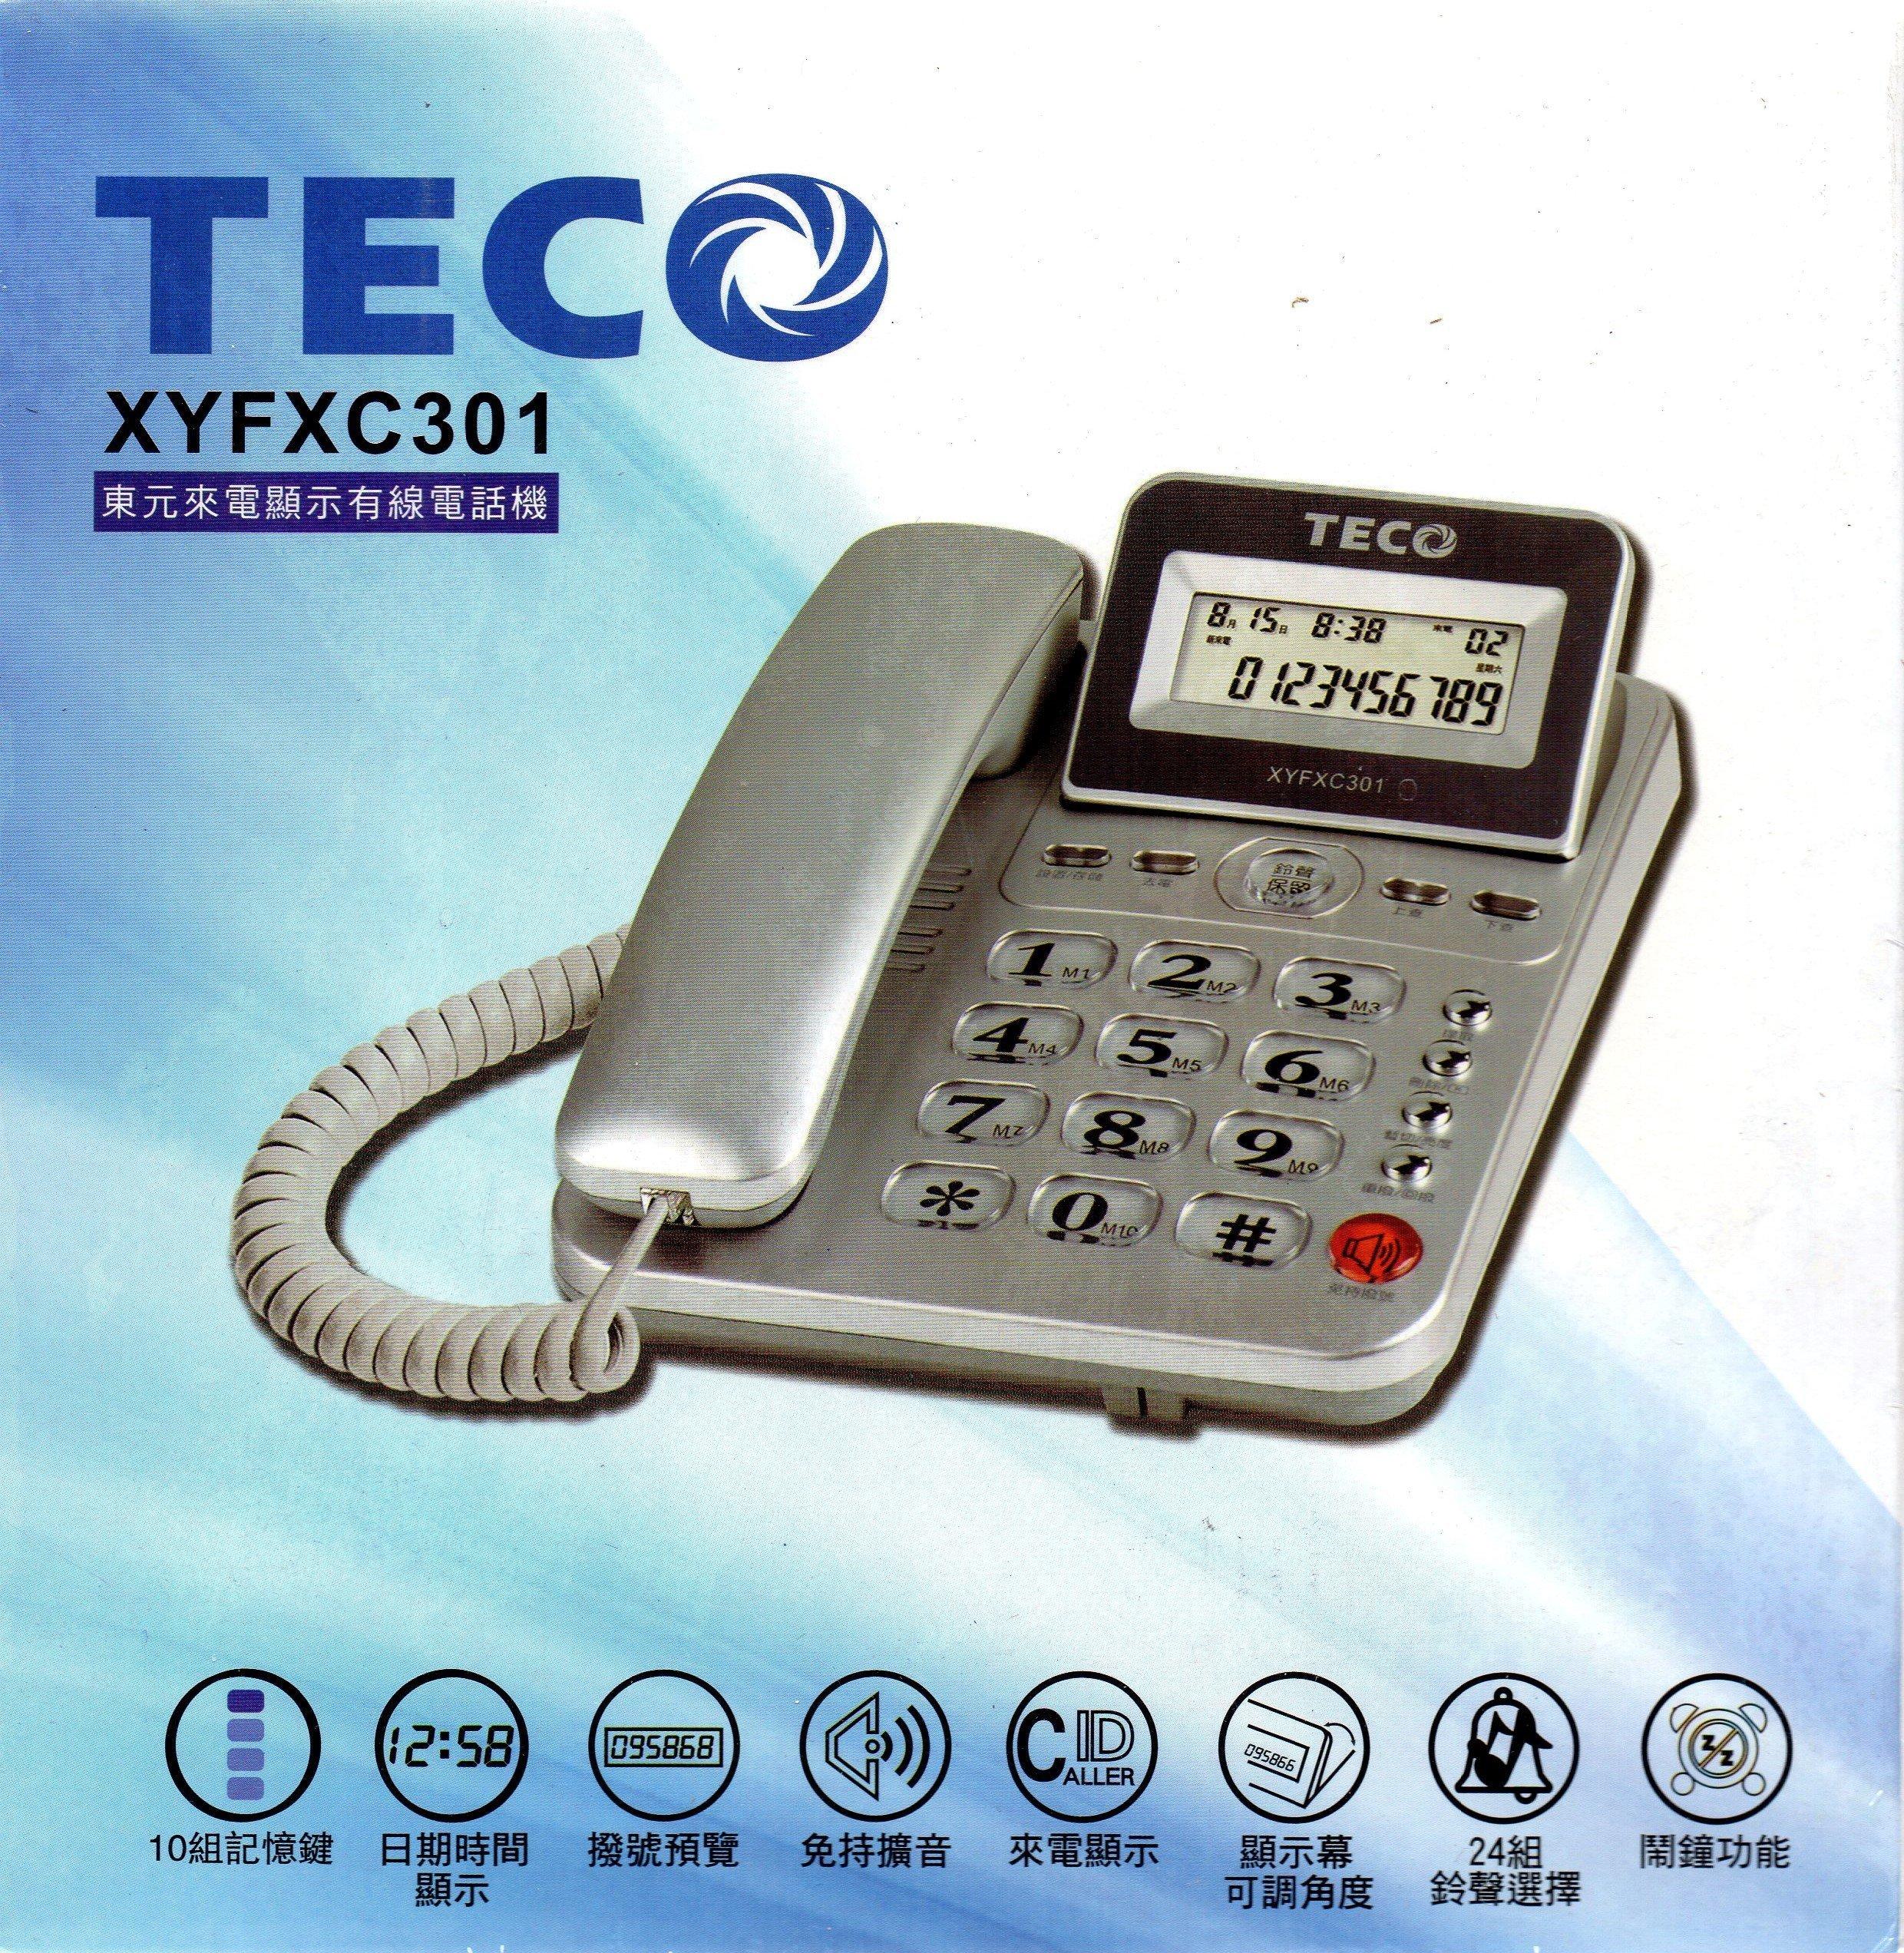 【通訊 】【量價 】 TECO 東元 XYFXC301 來電顯示有線電話_銀色款 紅色款_可調整螢幕角度